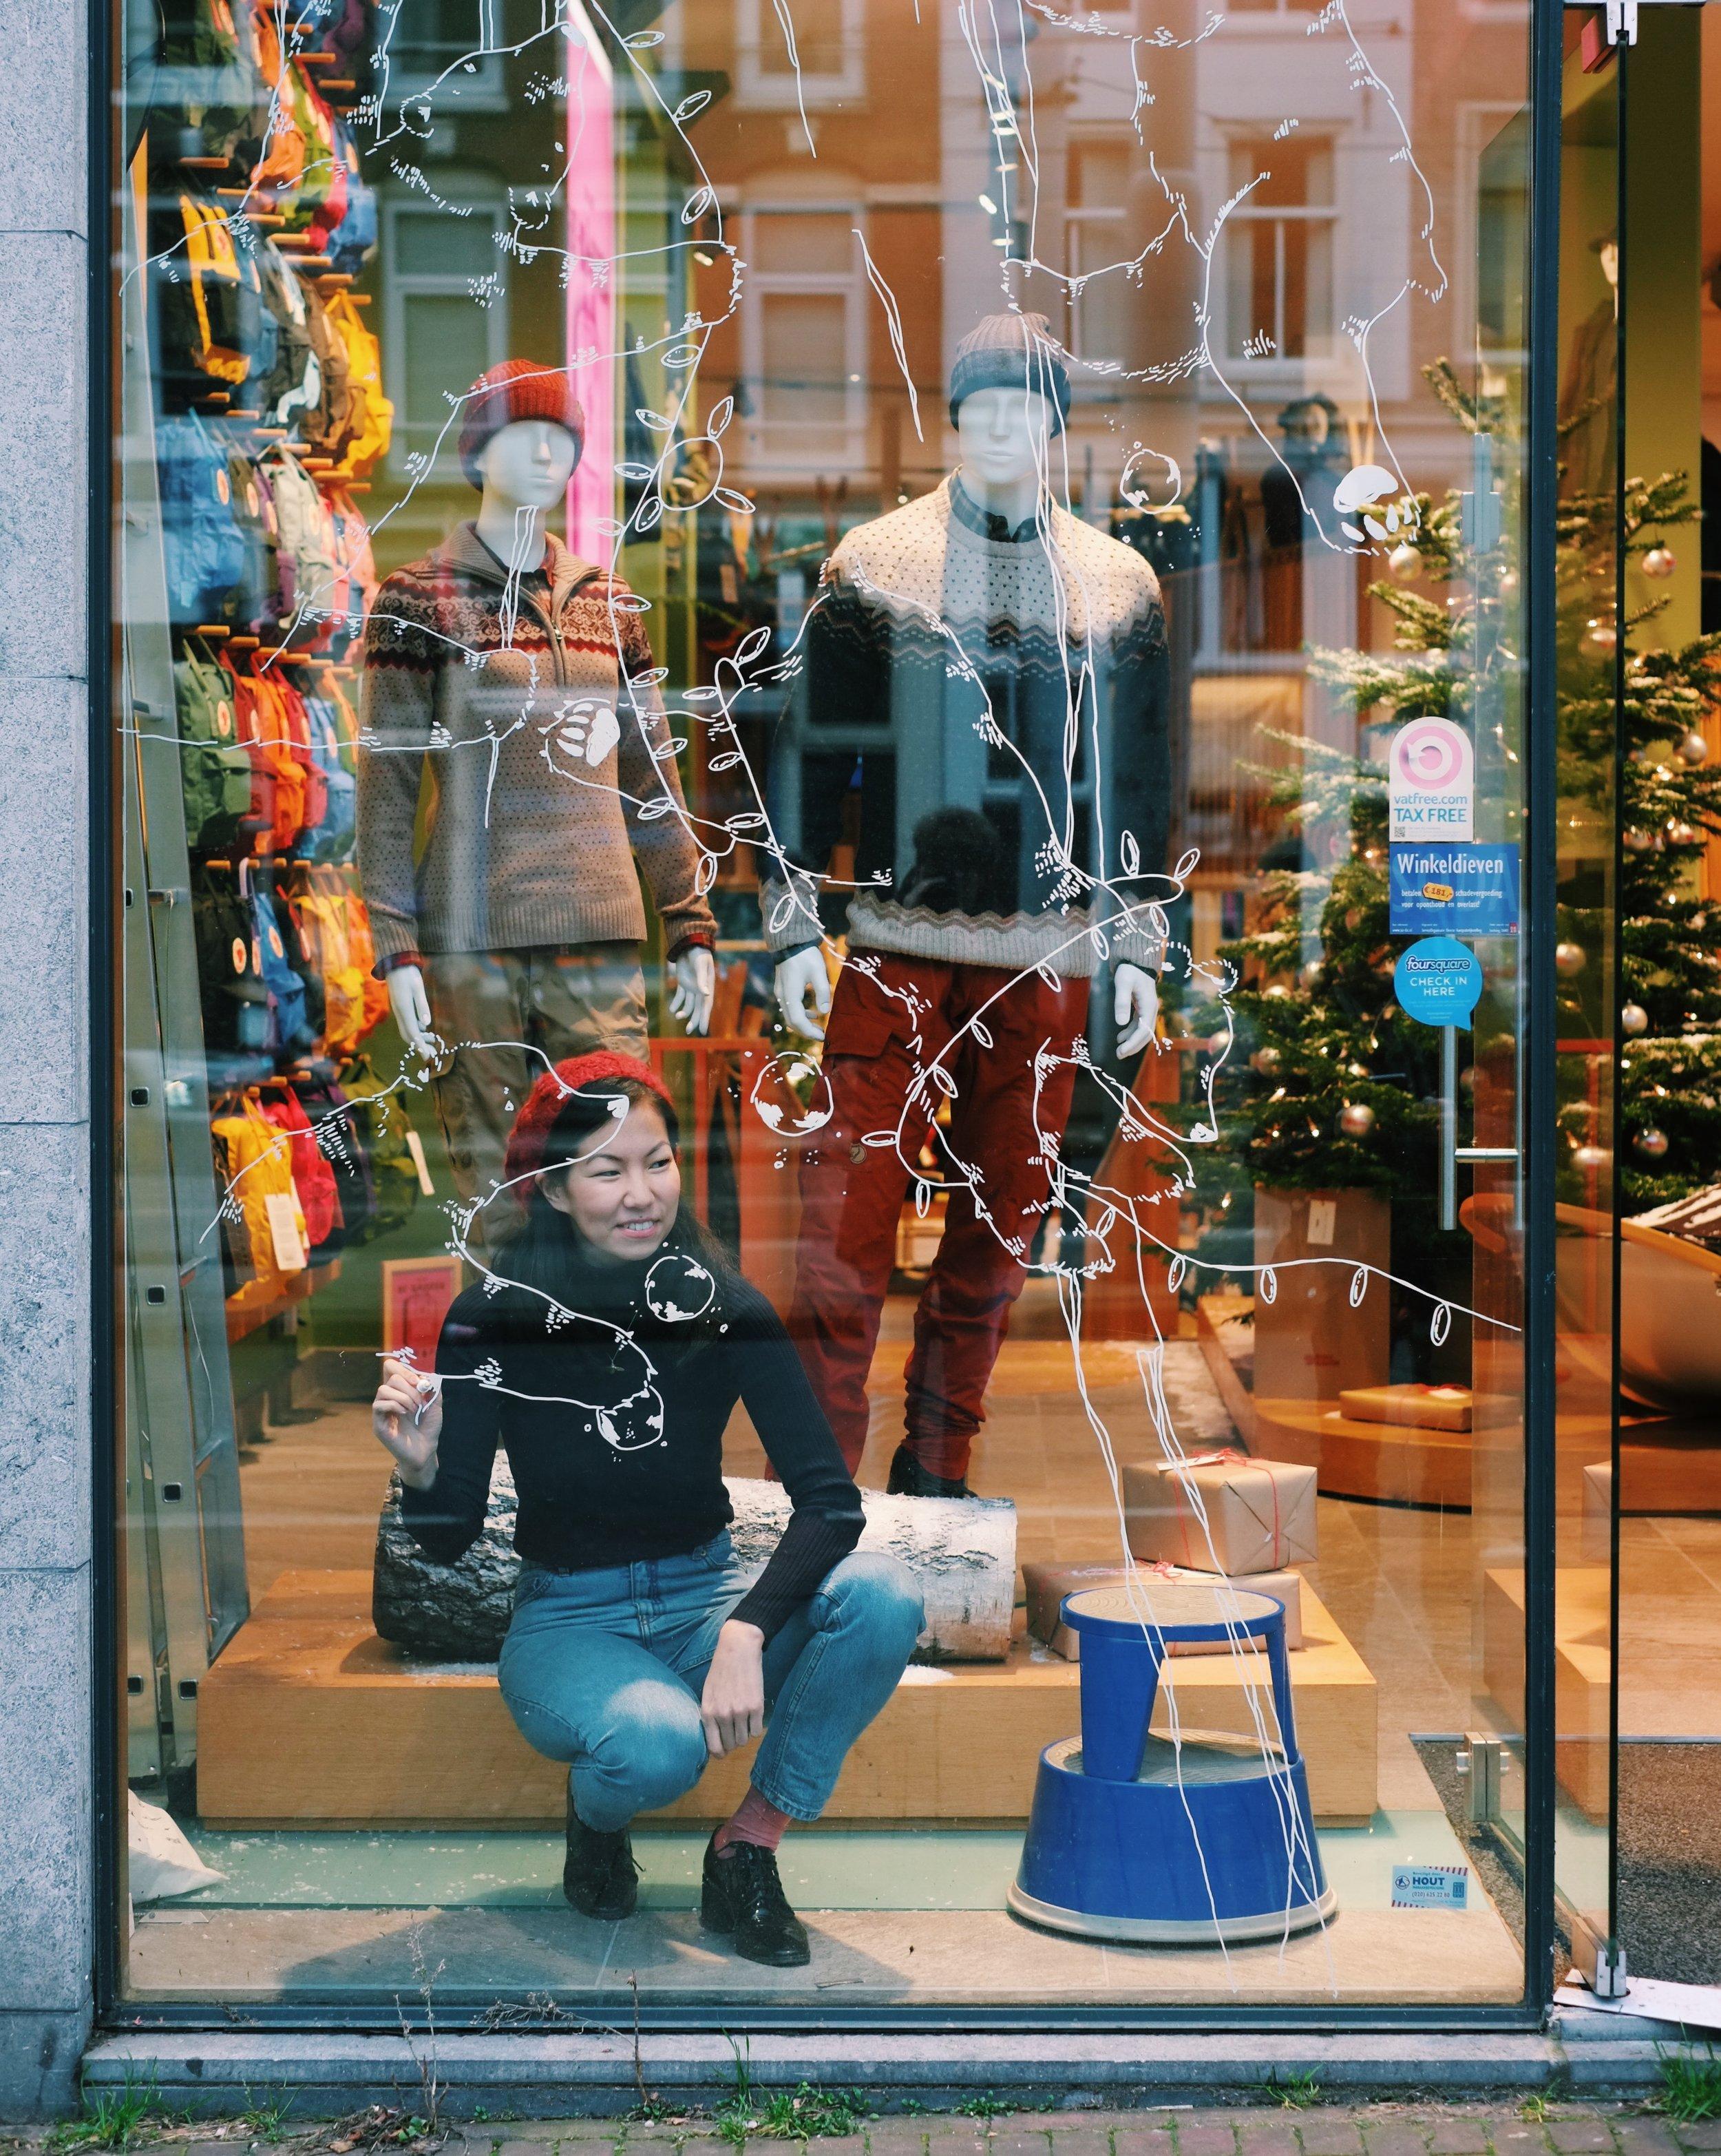 Fjällräven Kanken store - Photo Joost Bastmeijer